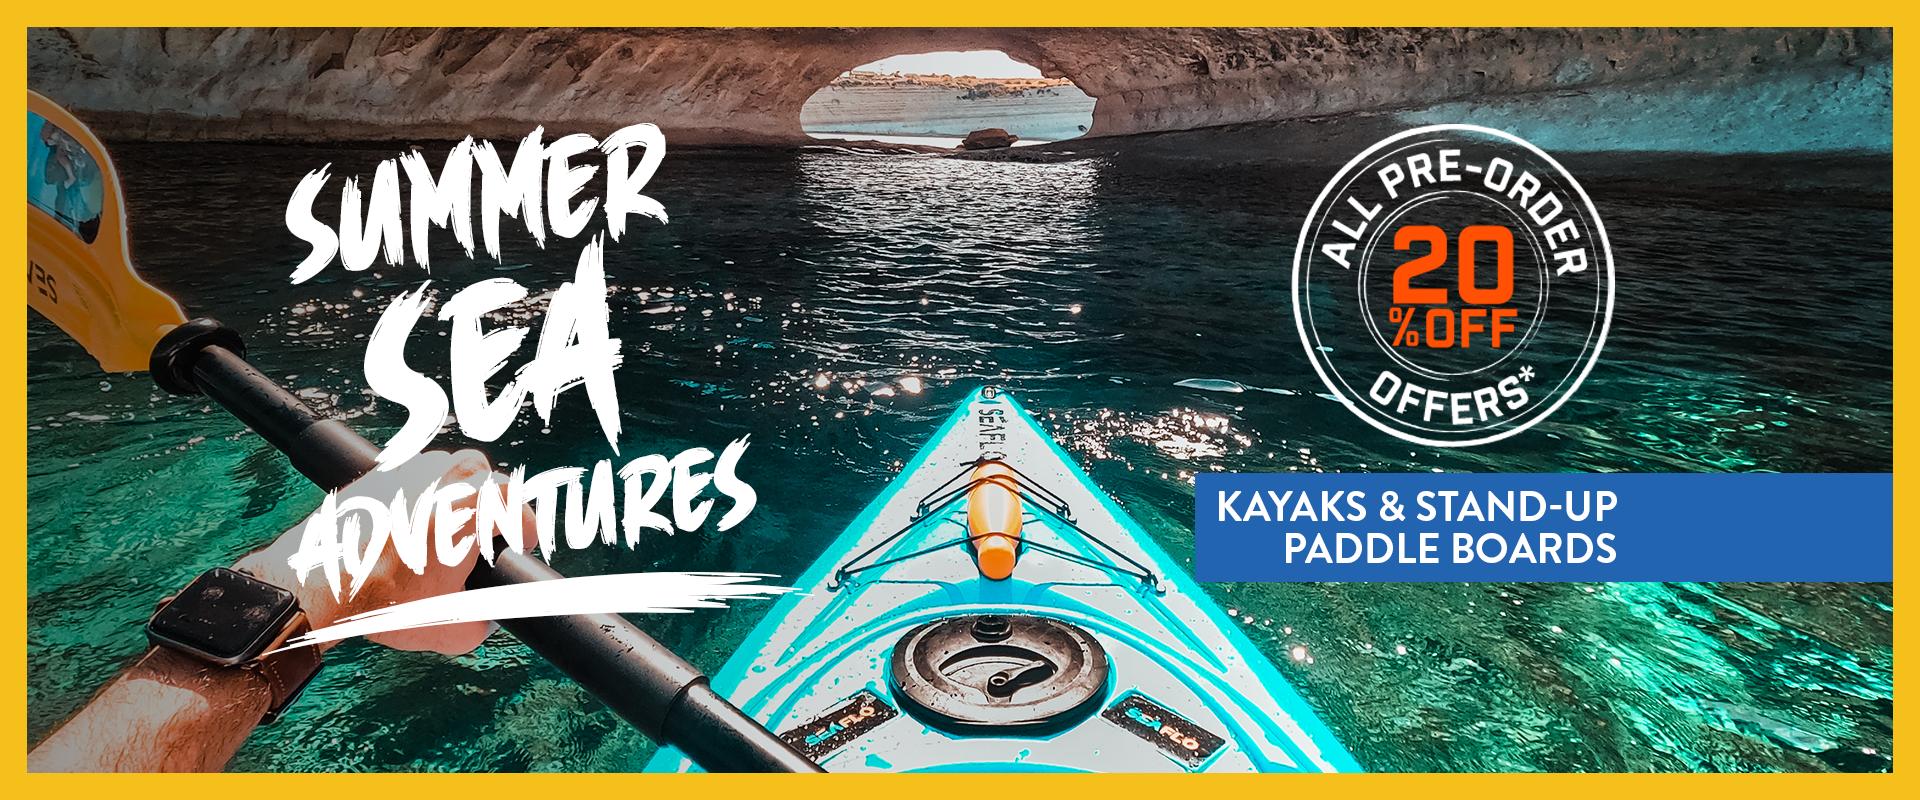 eurosport kayaks